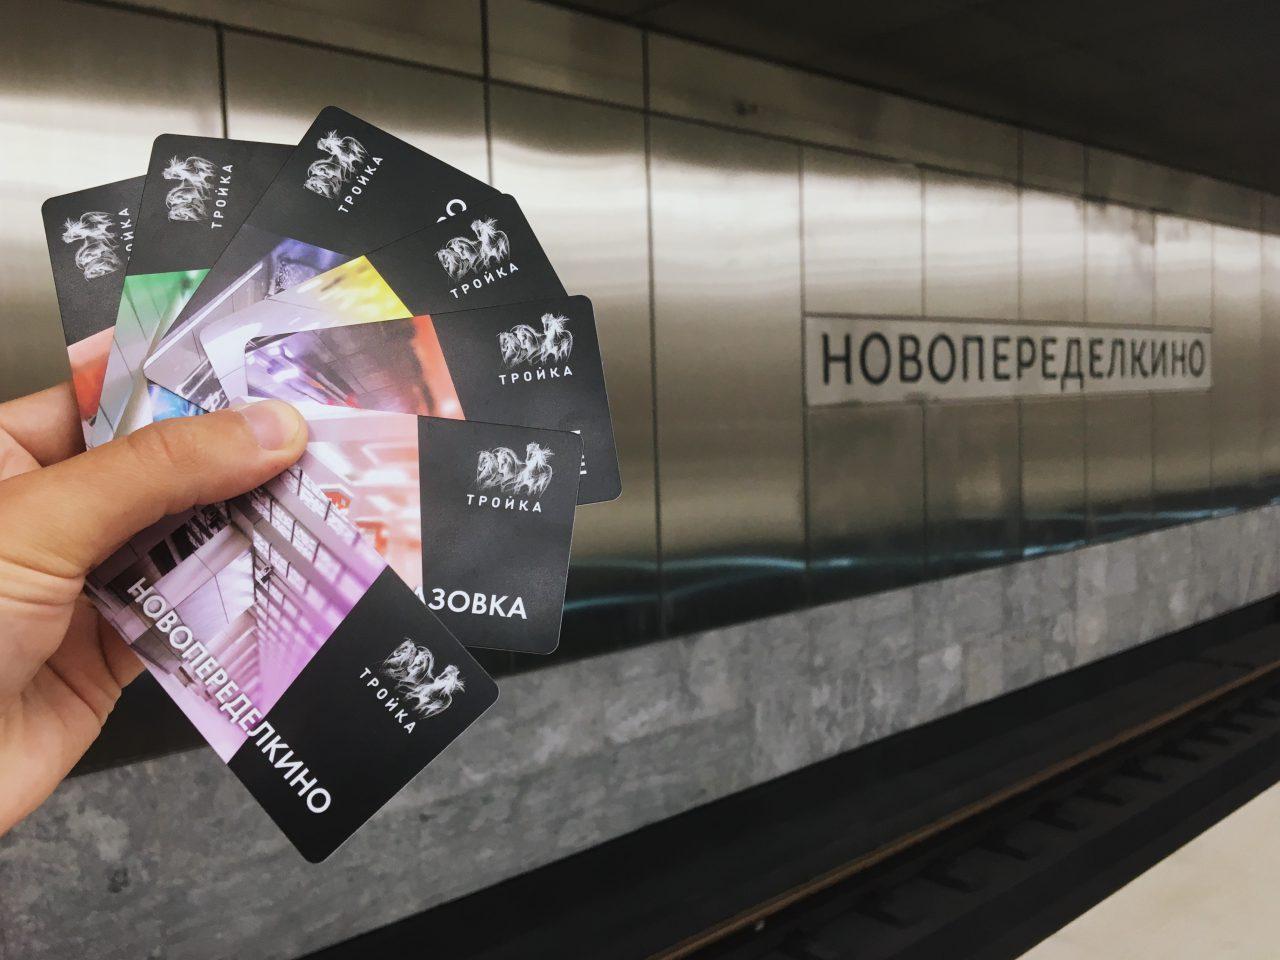 Лимитированные карты «Тройка» с изображением новых станций в метро поступили в продажу